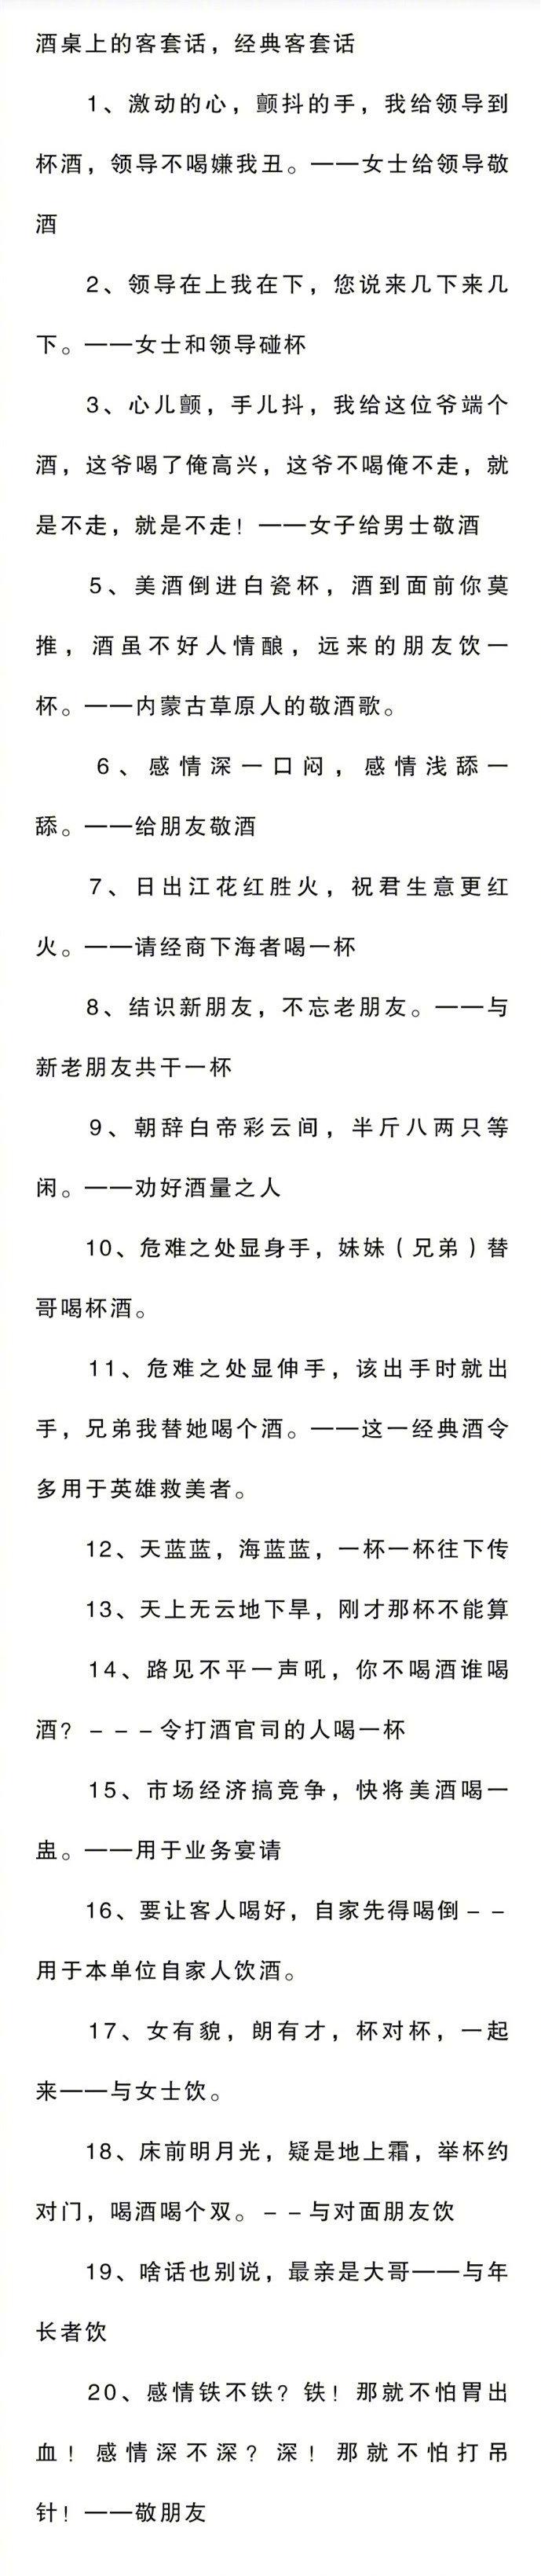 中国的酒桌文化:潜规则、礼仪、话题和谈话技巧!马走,慢慢学吧!